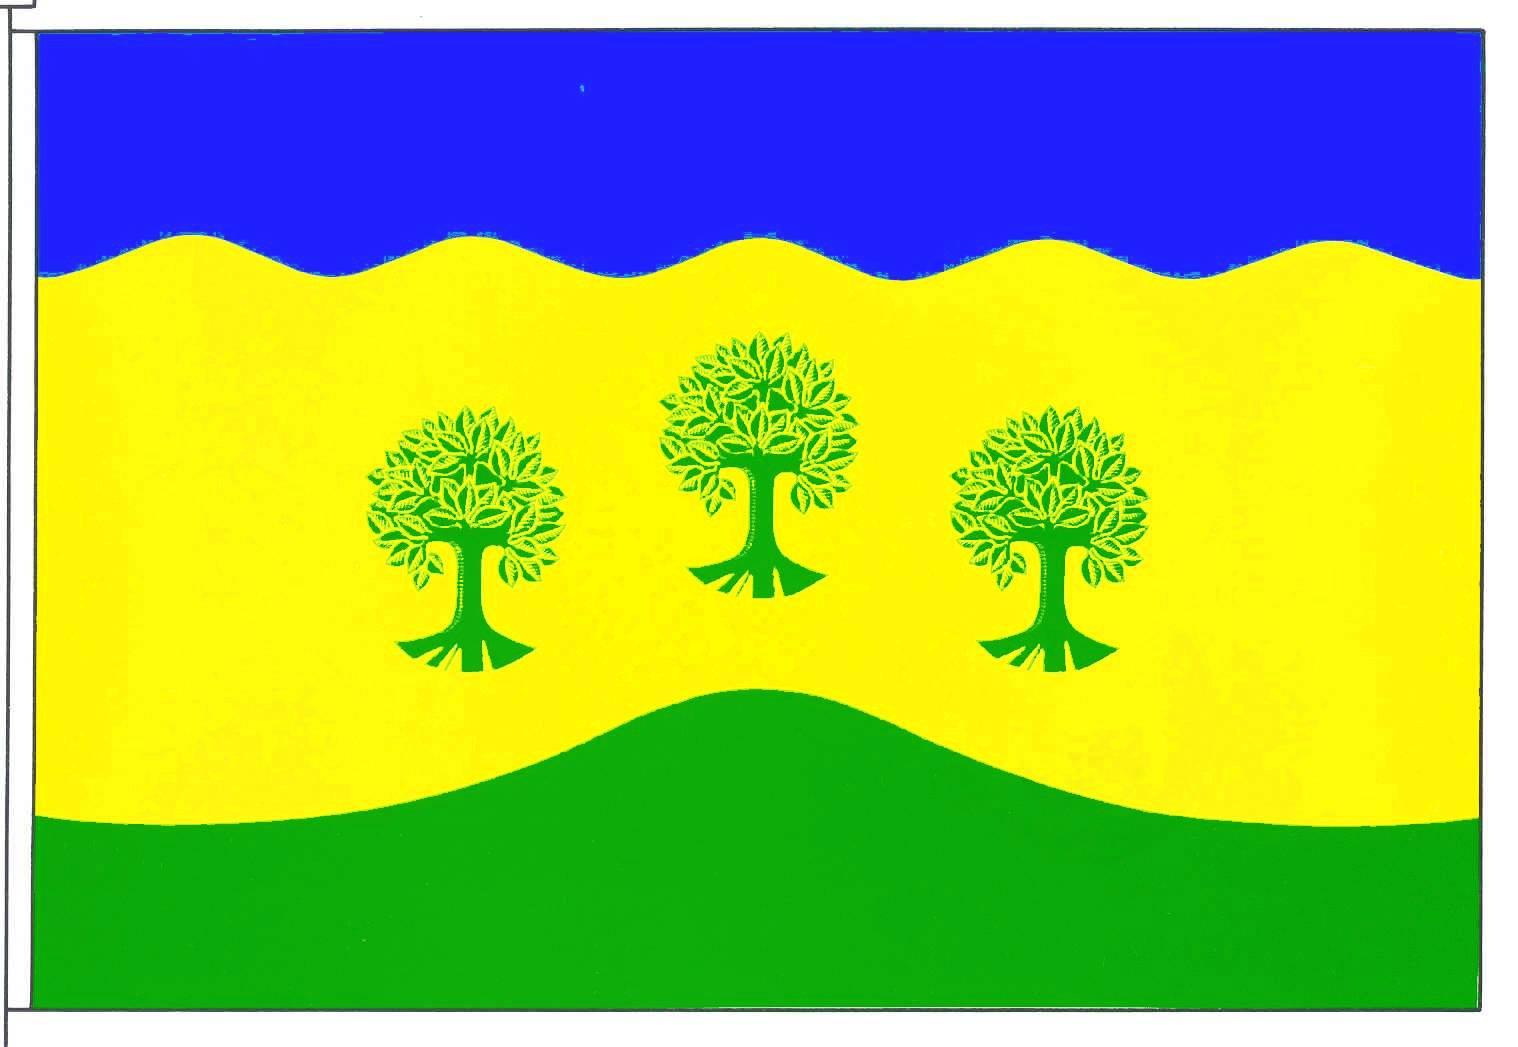 Flagge GemeindeWesseln, Kreis Dithmarschen